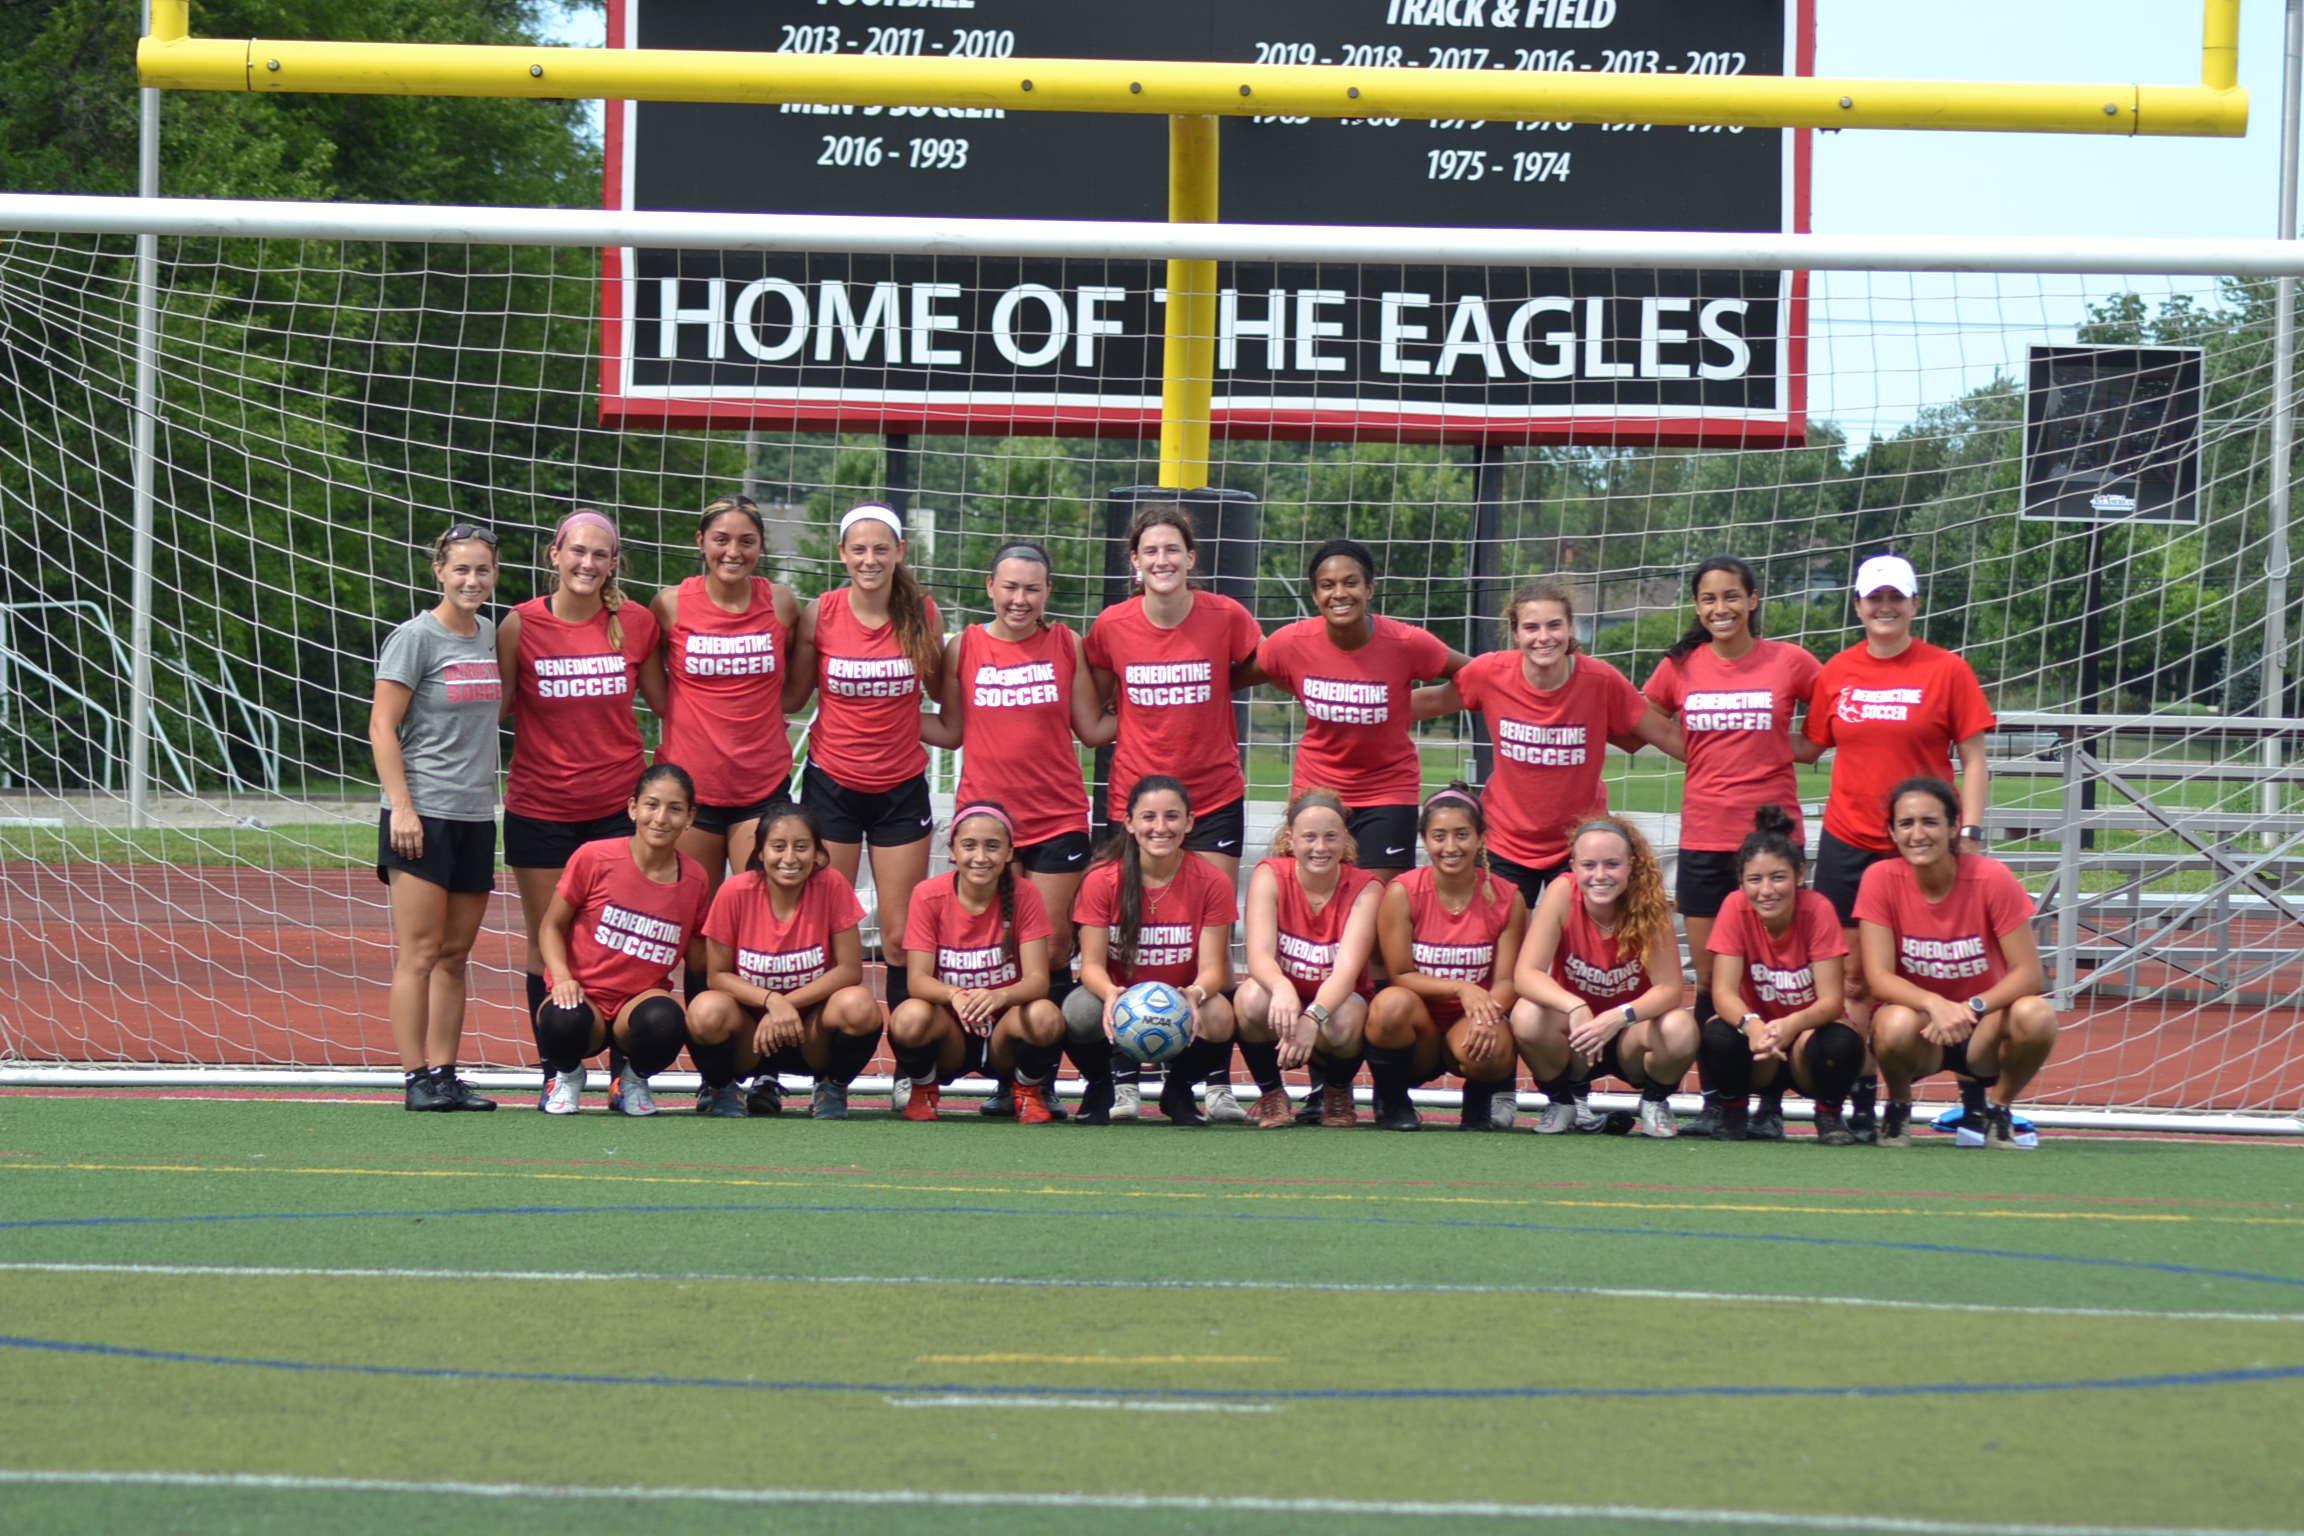 Women's Soccer Team Photo